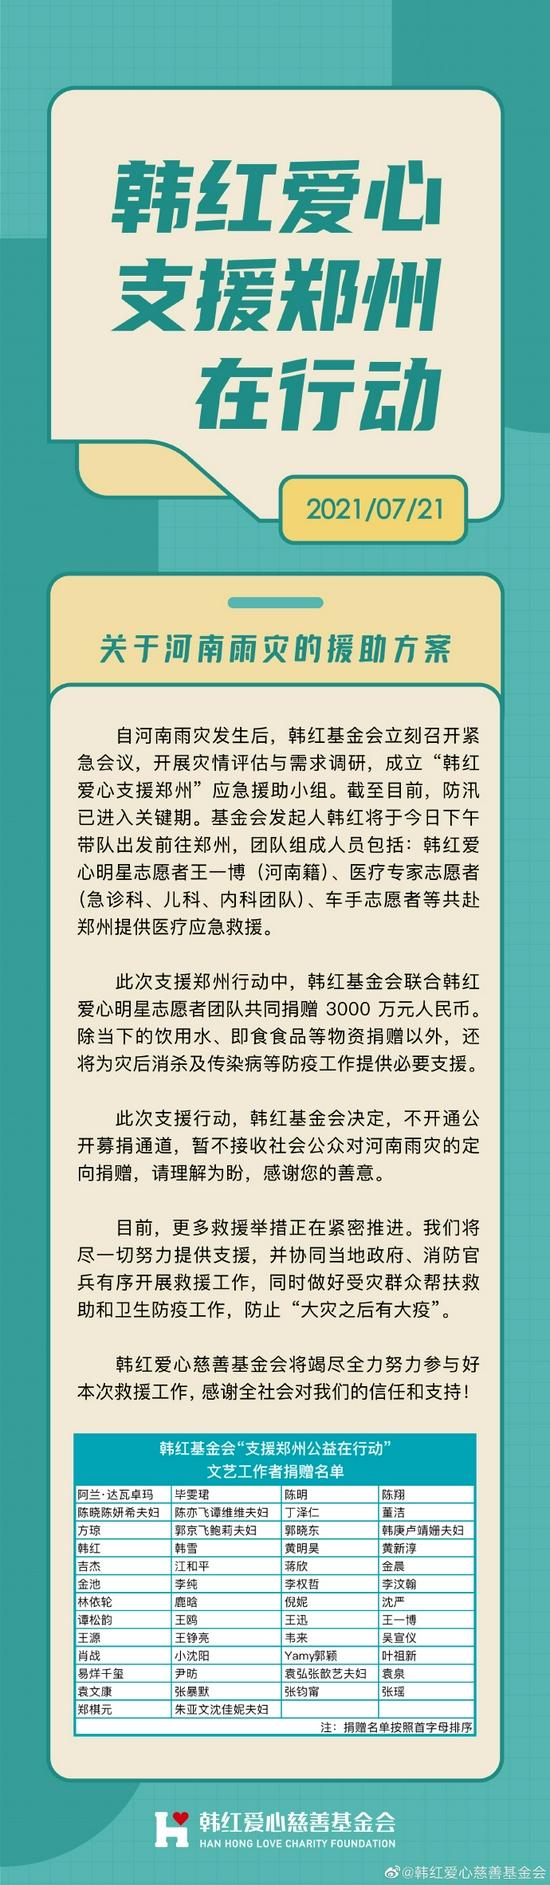 王一博随韩红志愿者团队赴郑州 提供医疗应急救援